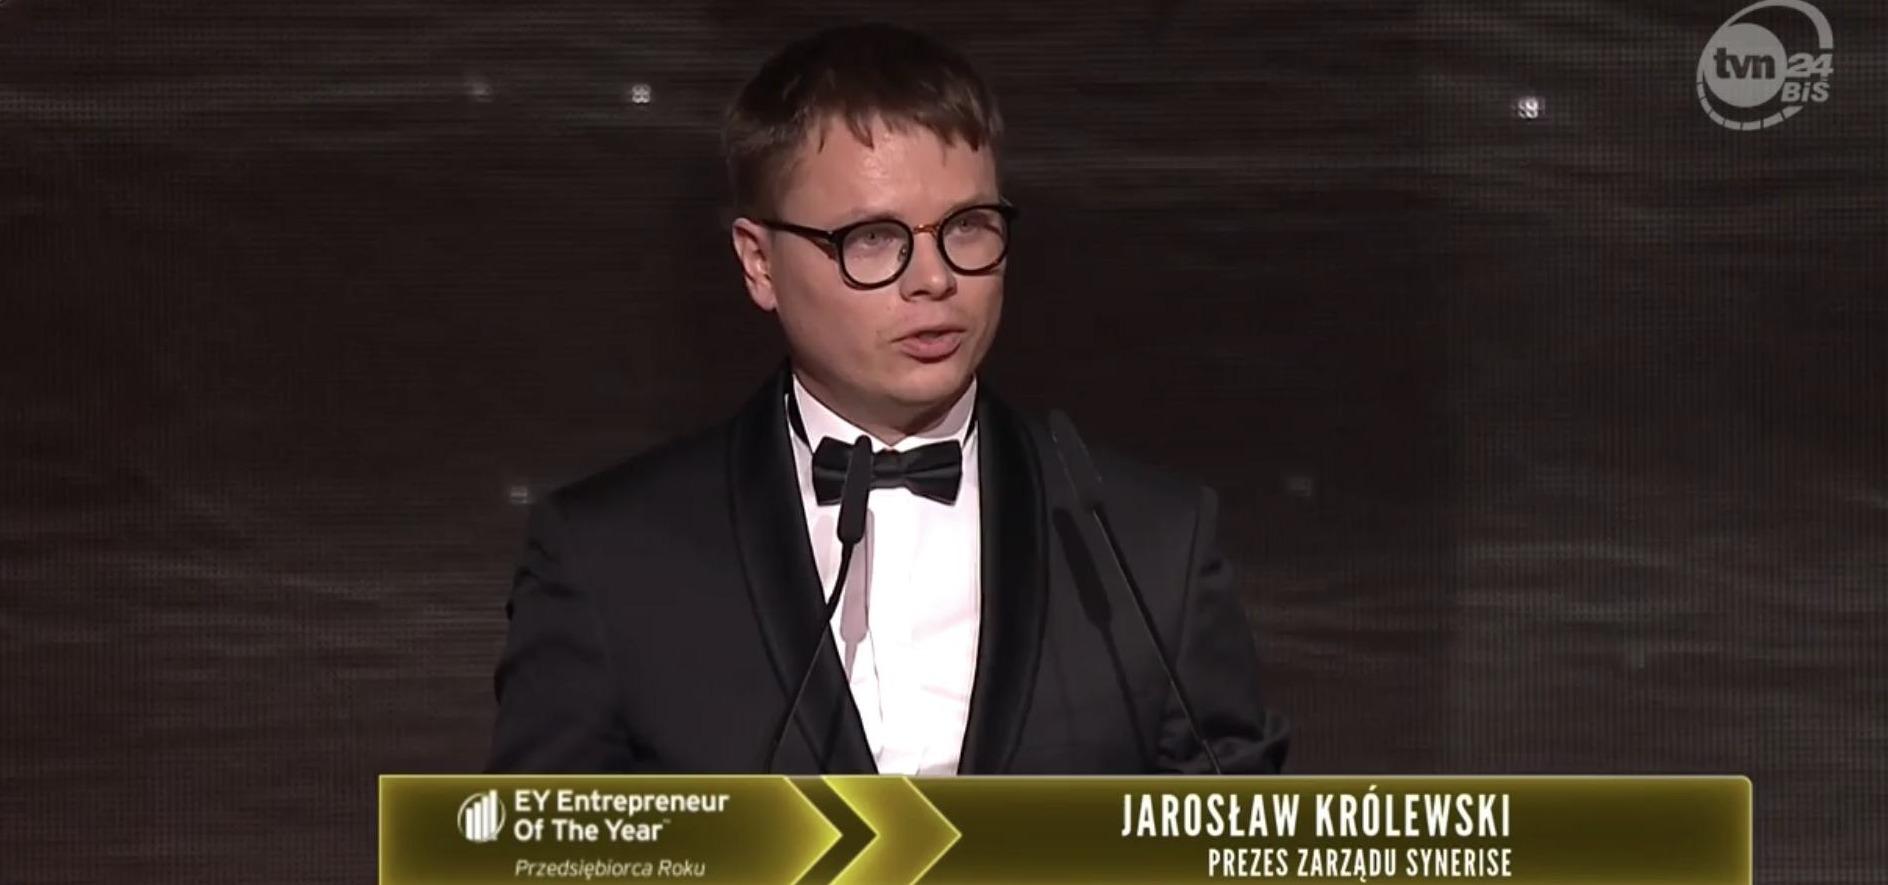 EY Entrepreneur of the Year 2018: Jarosław Królewski with a special jury award